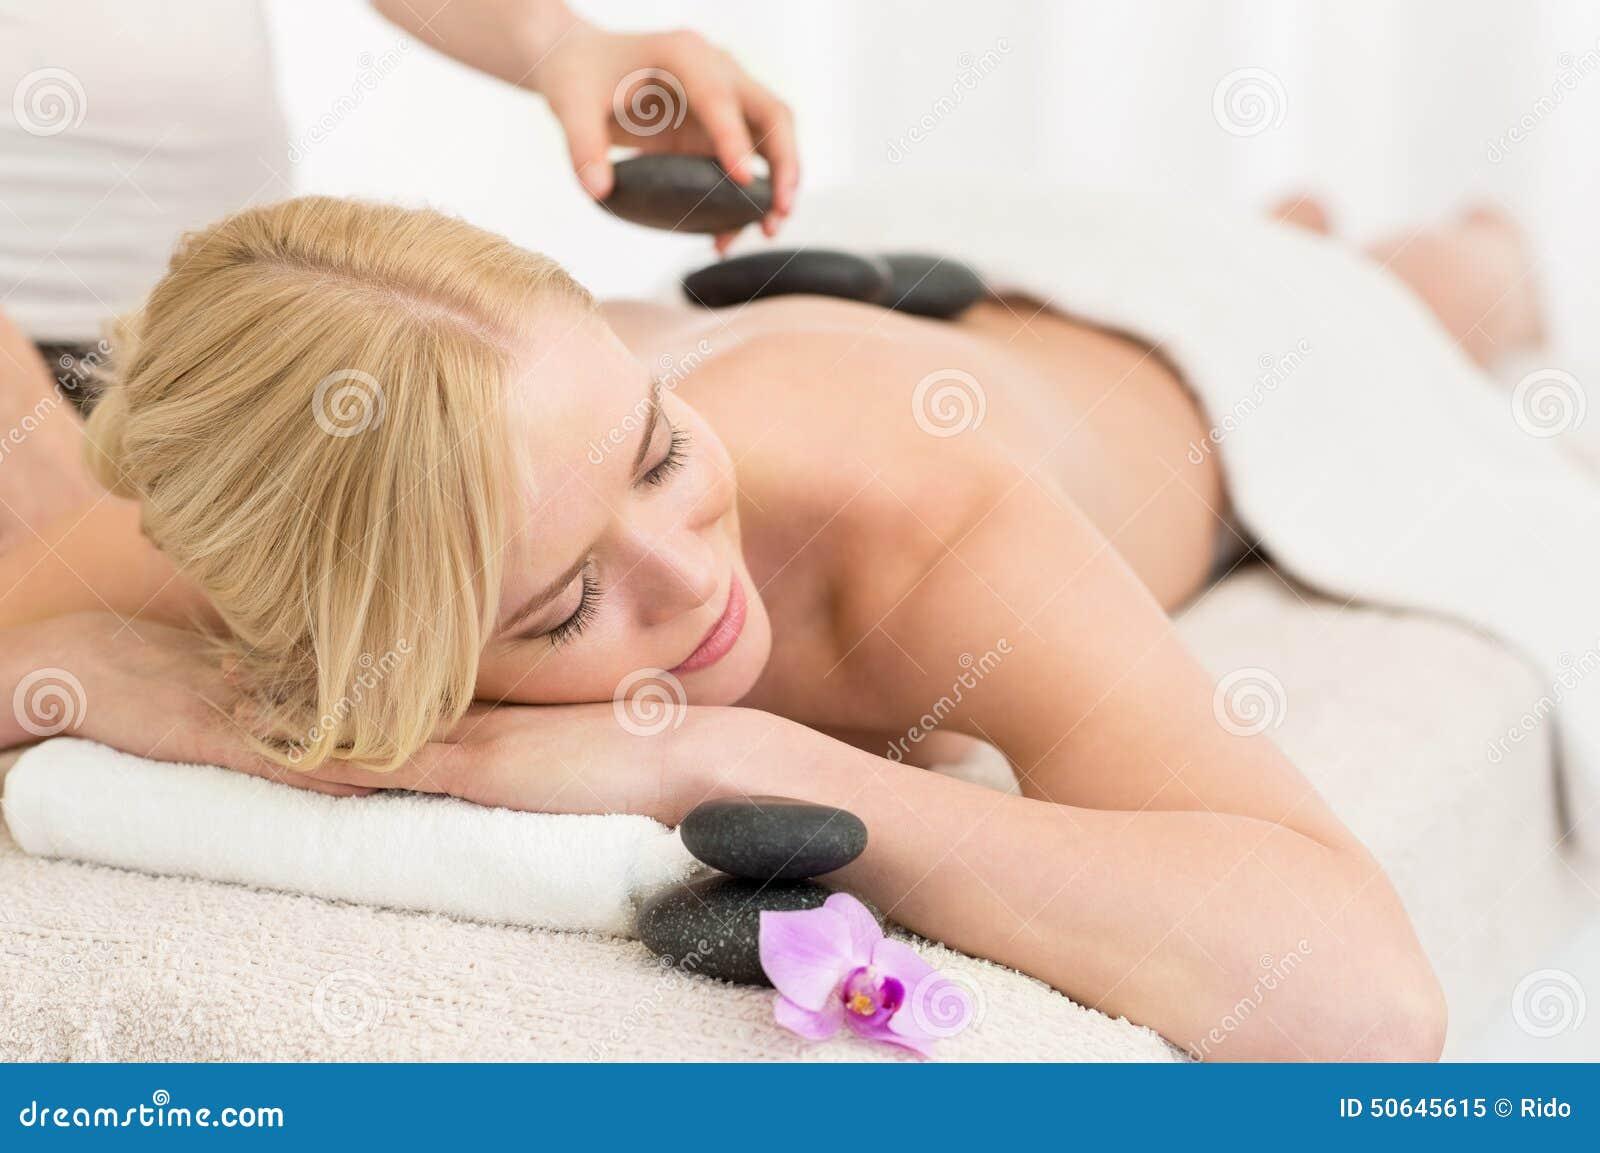 massage nd sex sexy massage sexy massage